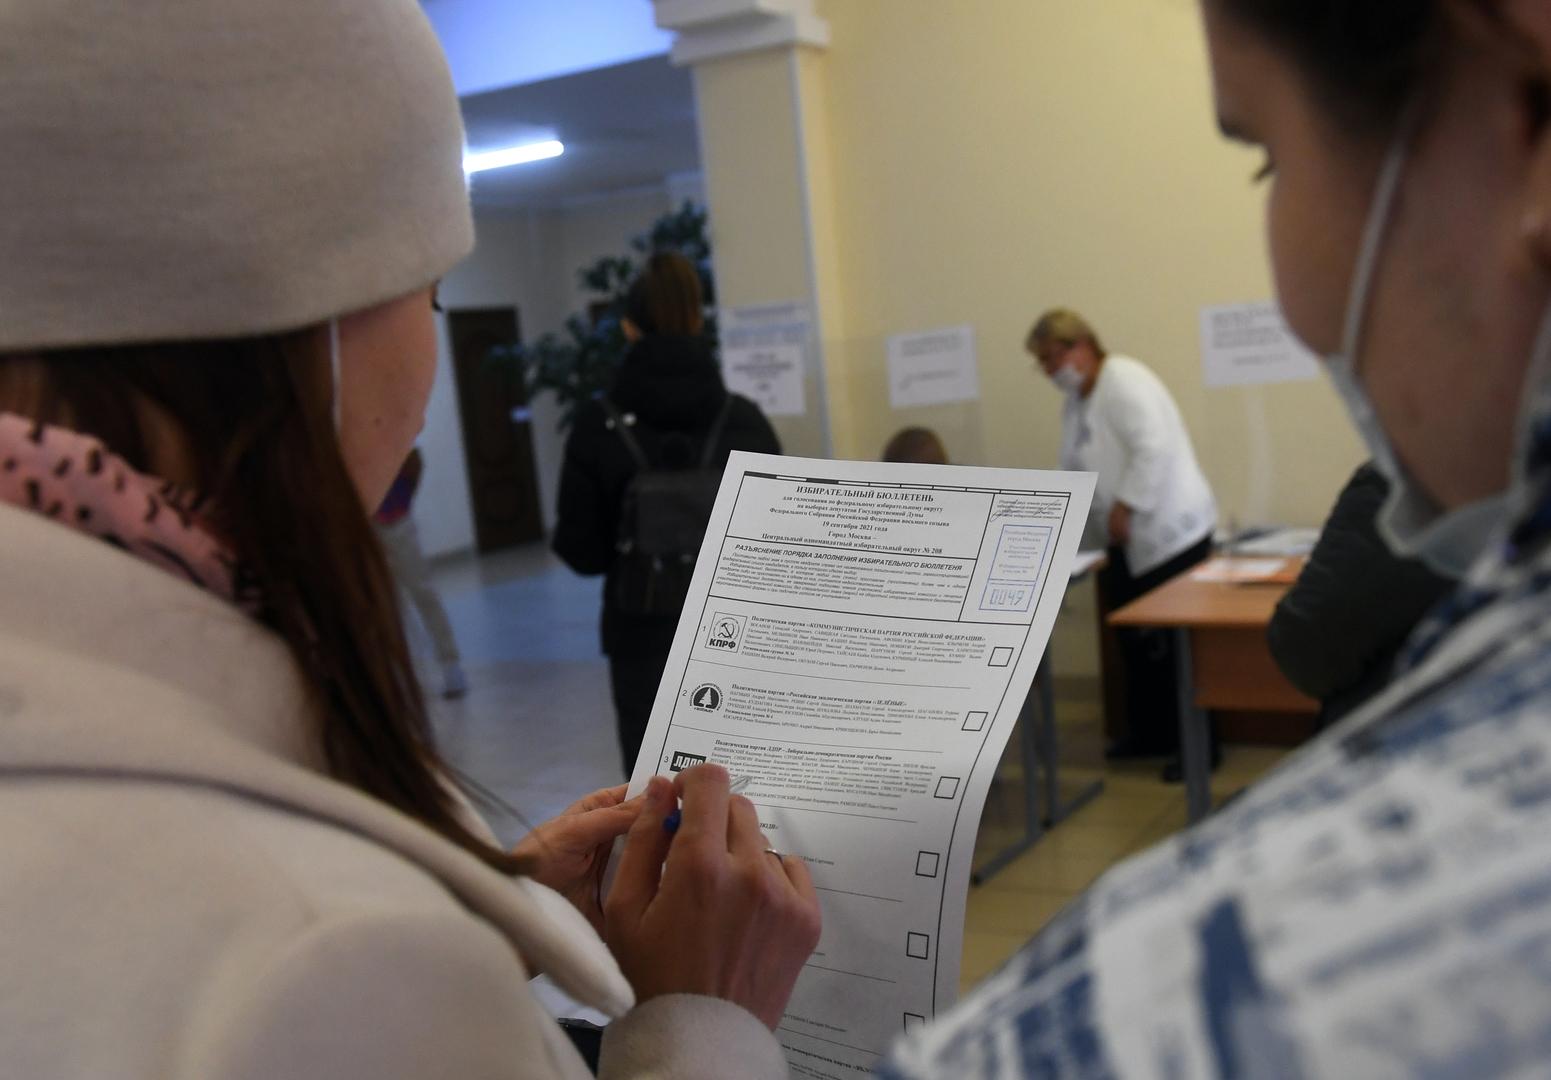 روسيا ترصد هجمات إلكترونية على نظام التصويت الإلكتروني من الولايات المتحدة وأوكرانيا وألمانيا